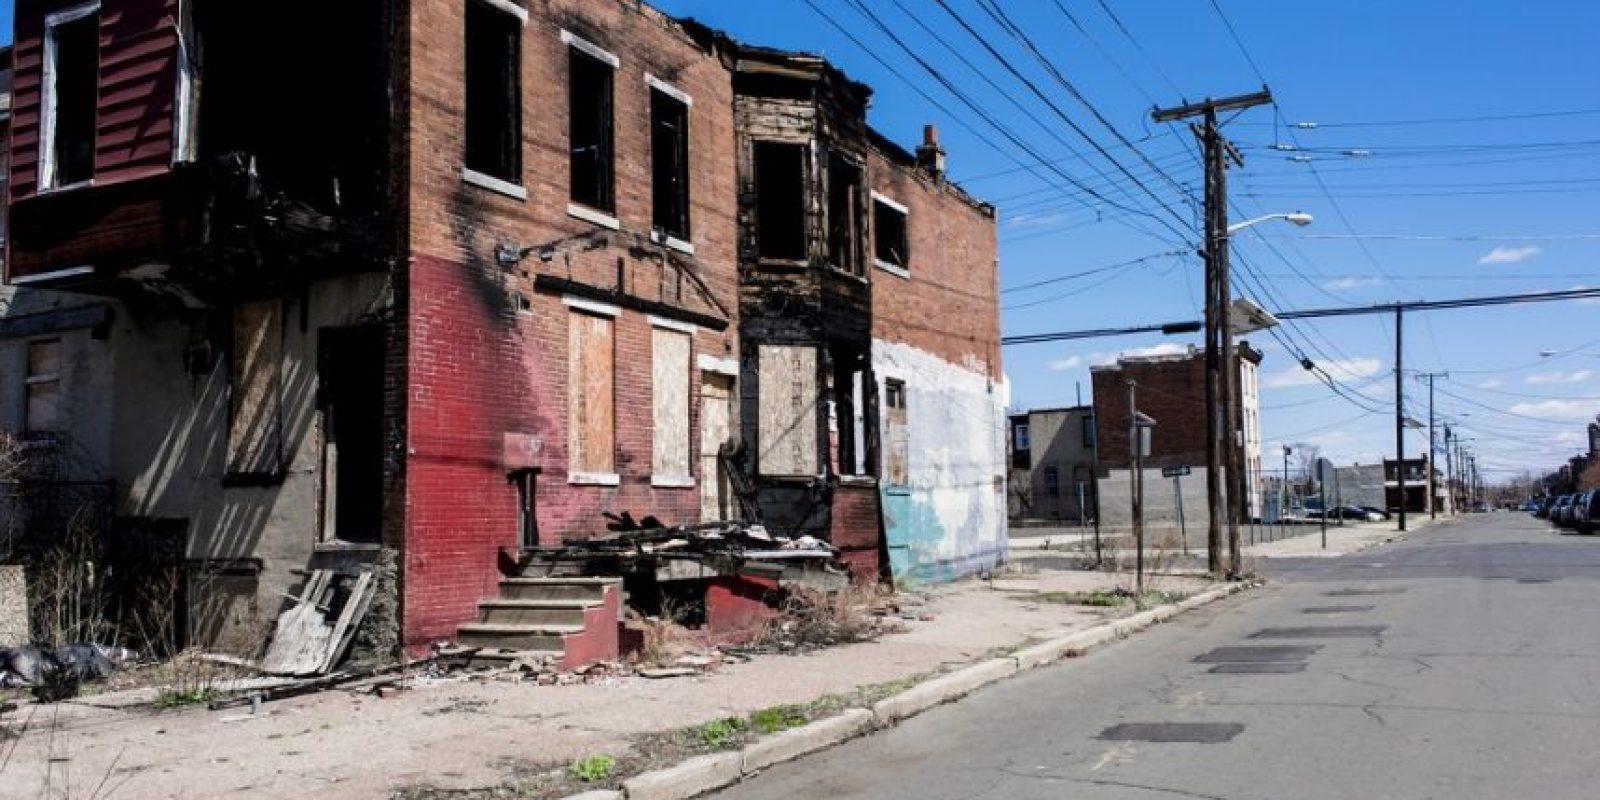 Camden ha permanecido en la lista de las 10 ciudades más peligrosas en toda lanación estadounidense, al menos desde 1998. Foto:David Cordero